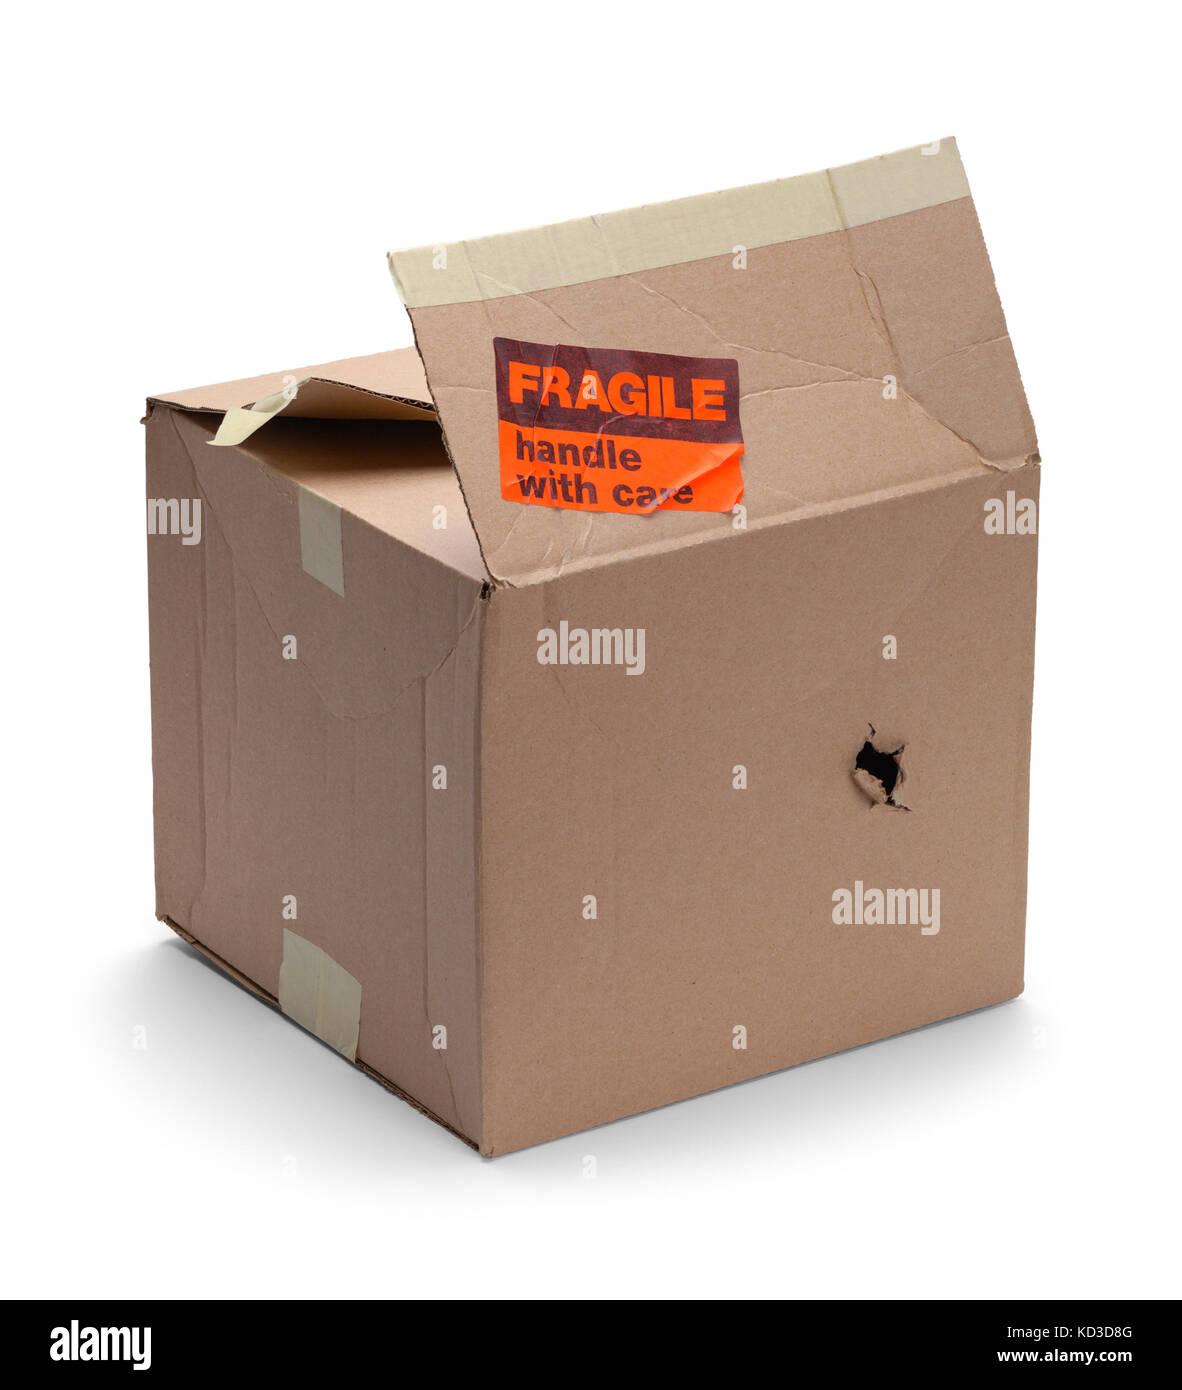 Danneggiato una scatola di cartone con adesivo fragile isolato su uno sfondo bianco. Immagini Stock